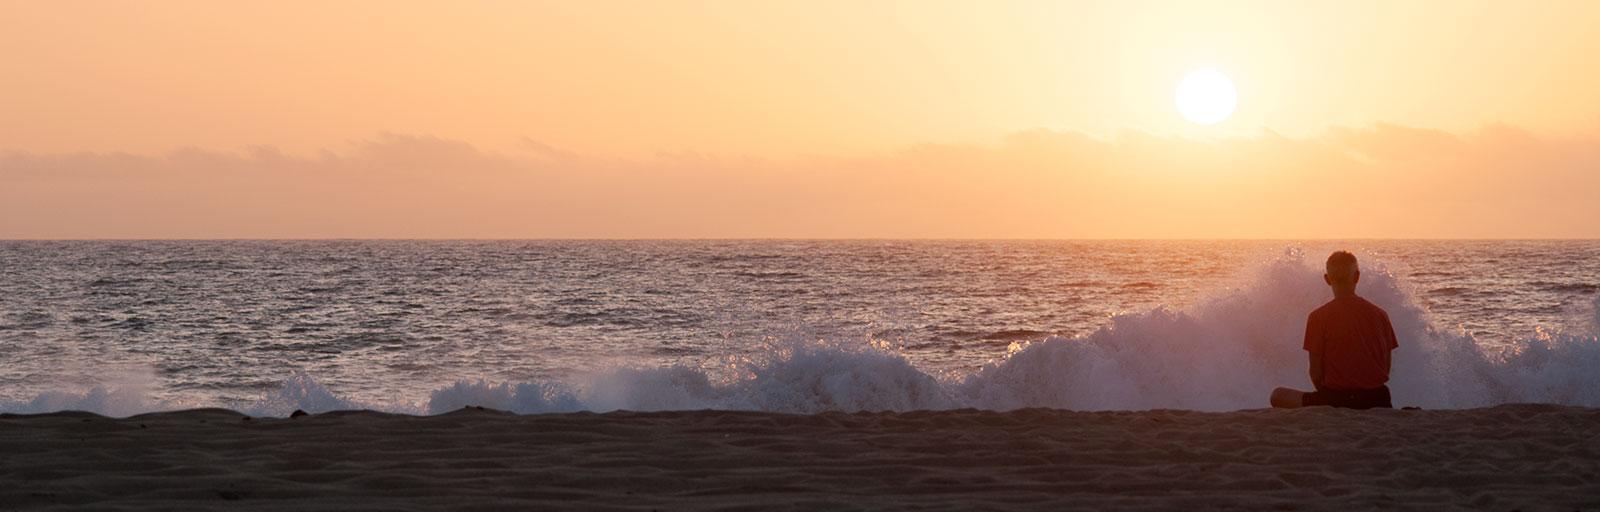 Wellness & Yoga Retreats in Baja, Mexico: Solitary Meditation at the Beach